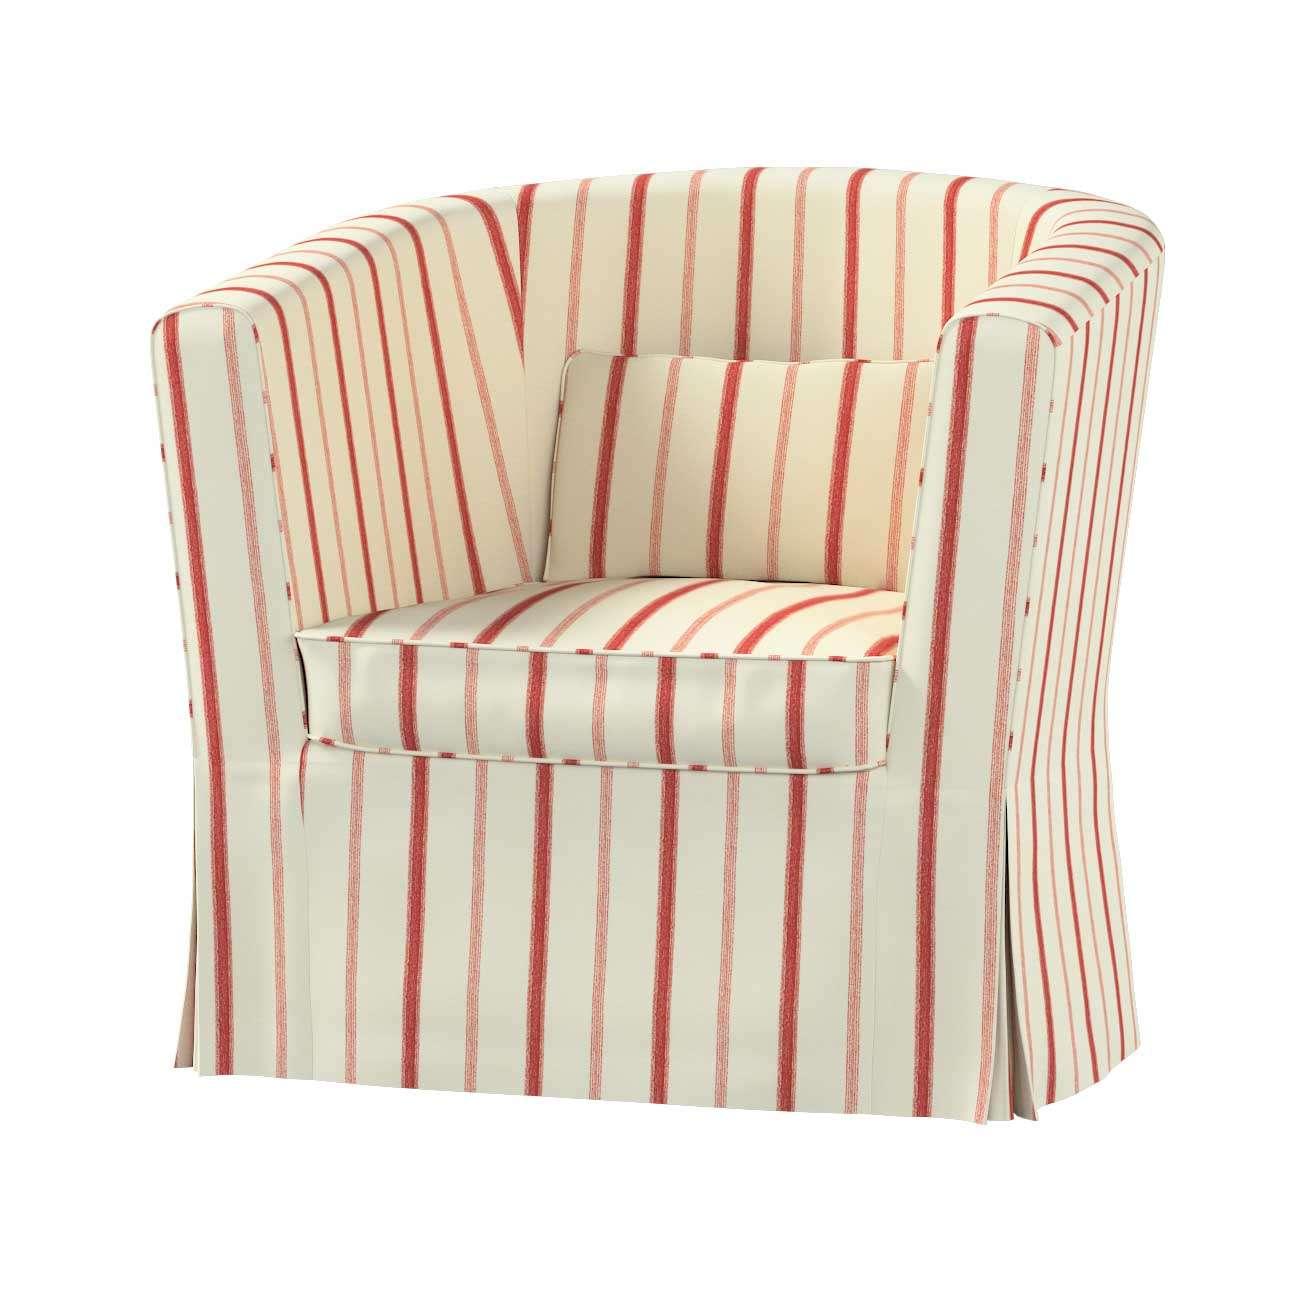 EKTORP TULLSTA fotelio užvalkalas Ektorp Tullsta fotelio užvalkalas kolekcijoje Avinon, audinys: 129-15